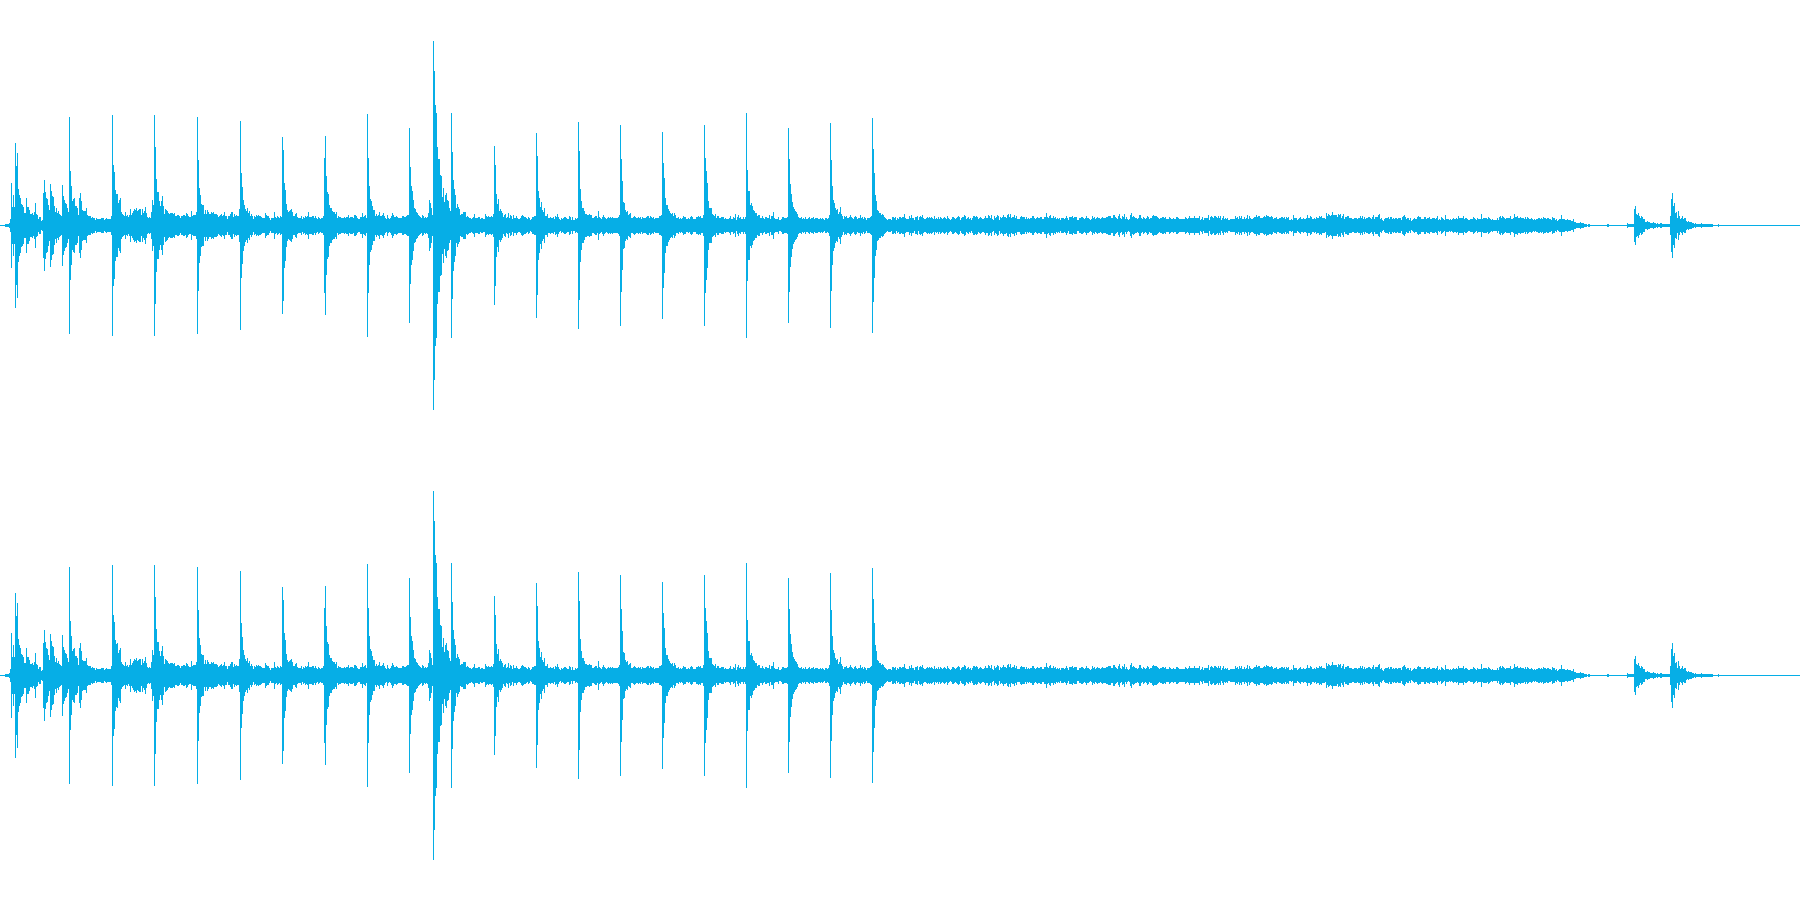 点火音の再生済みの波形